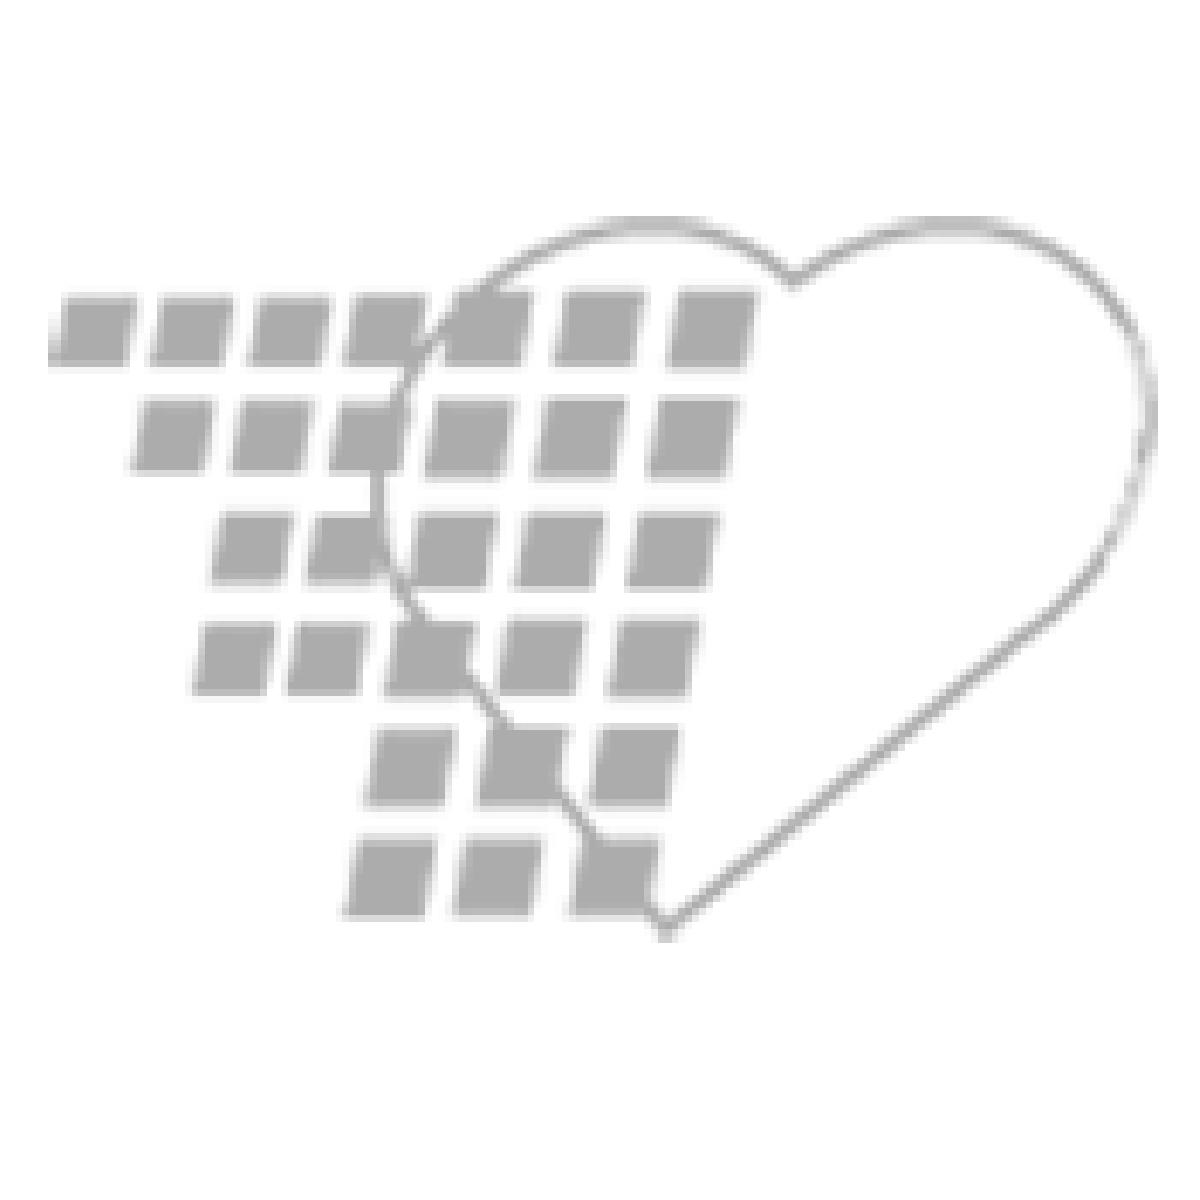 06-93-1351 - Demo Dose® Cephalexn 250mg/5mL